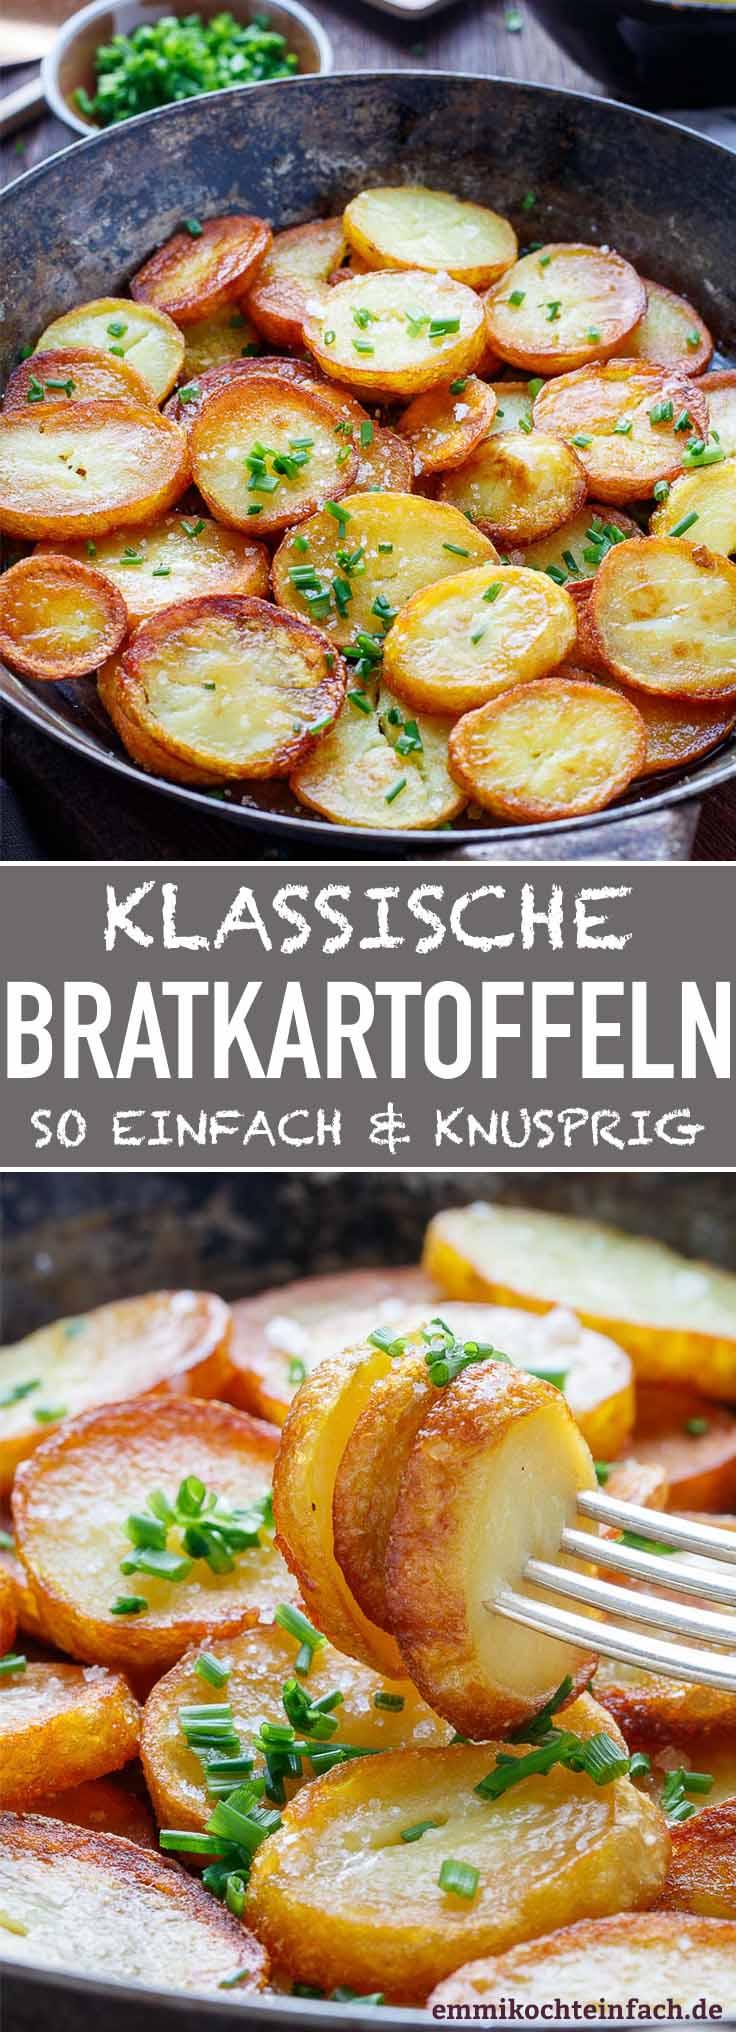 Klassische Bratkartoffeln - ganz einfach und knusprig - www.emmikochteinfach.de